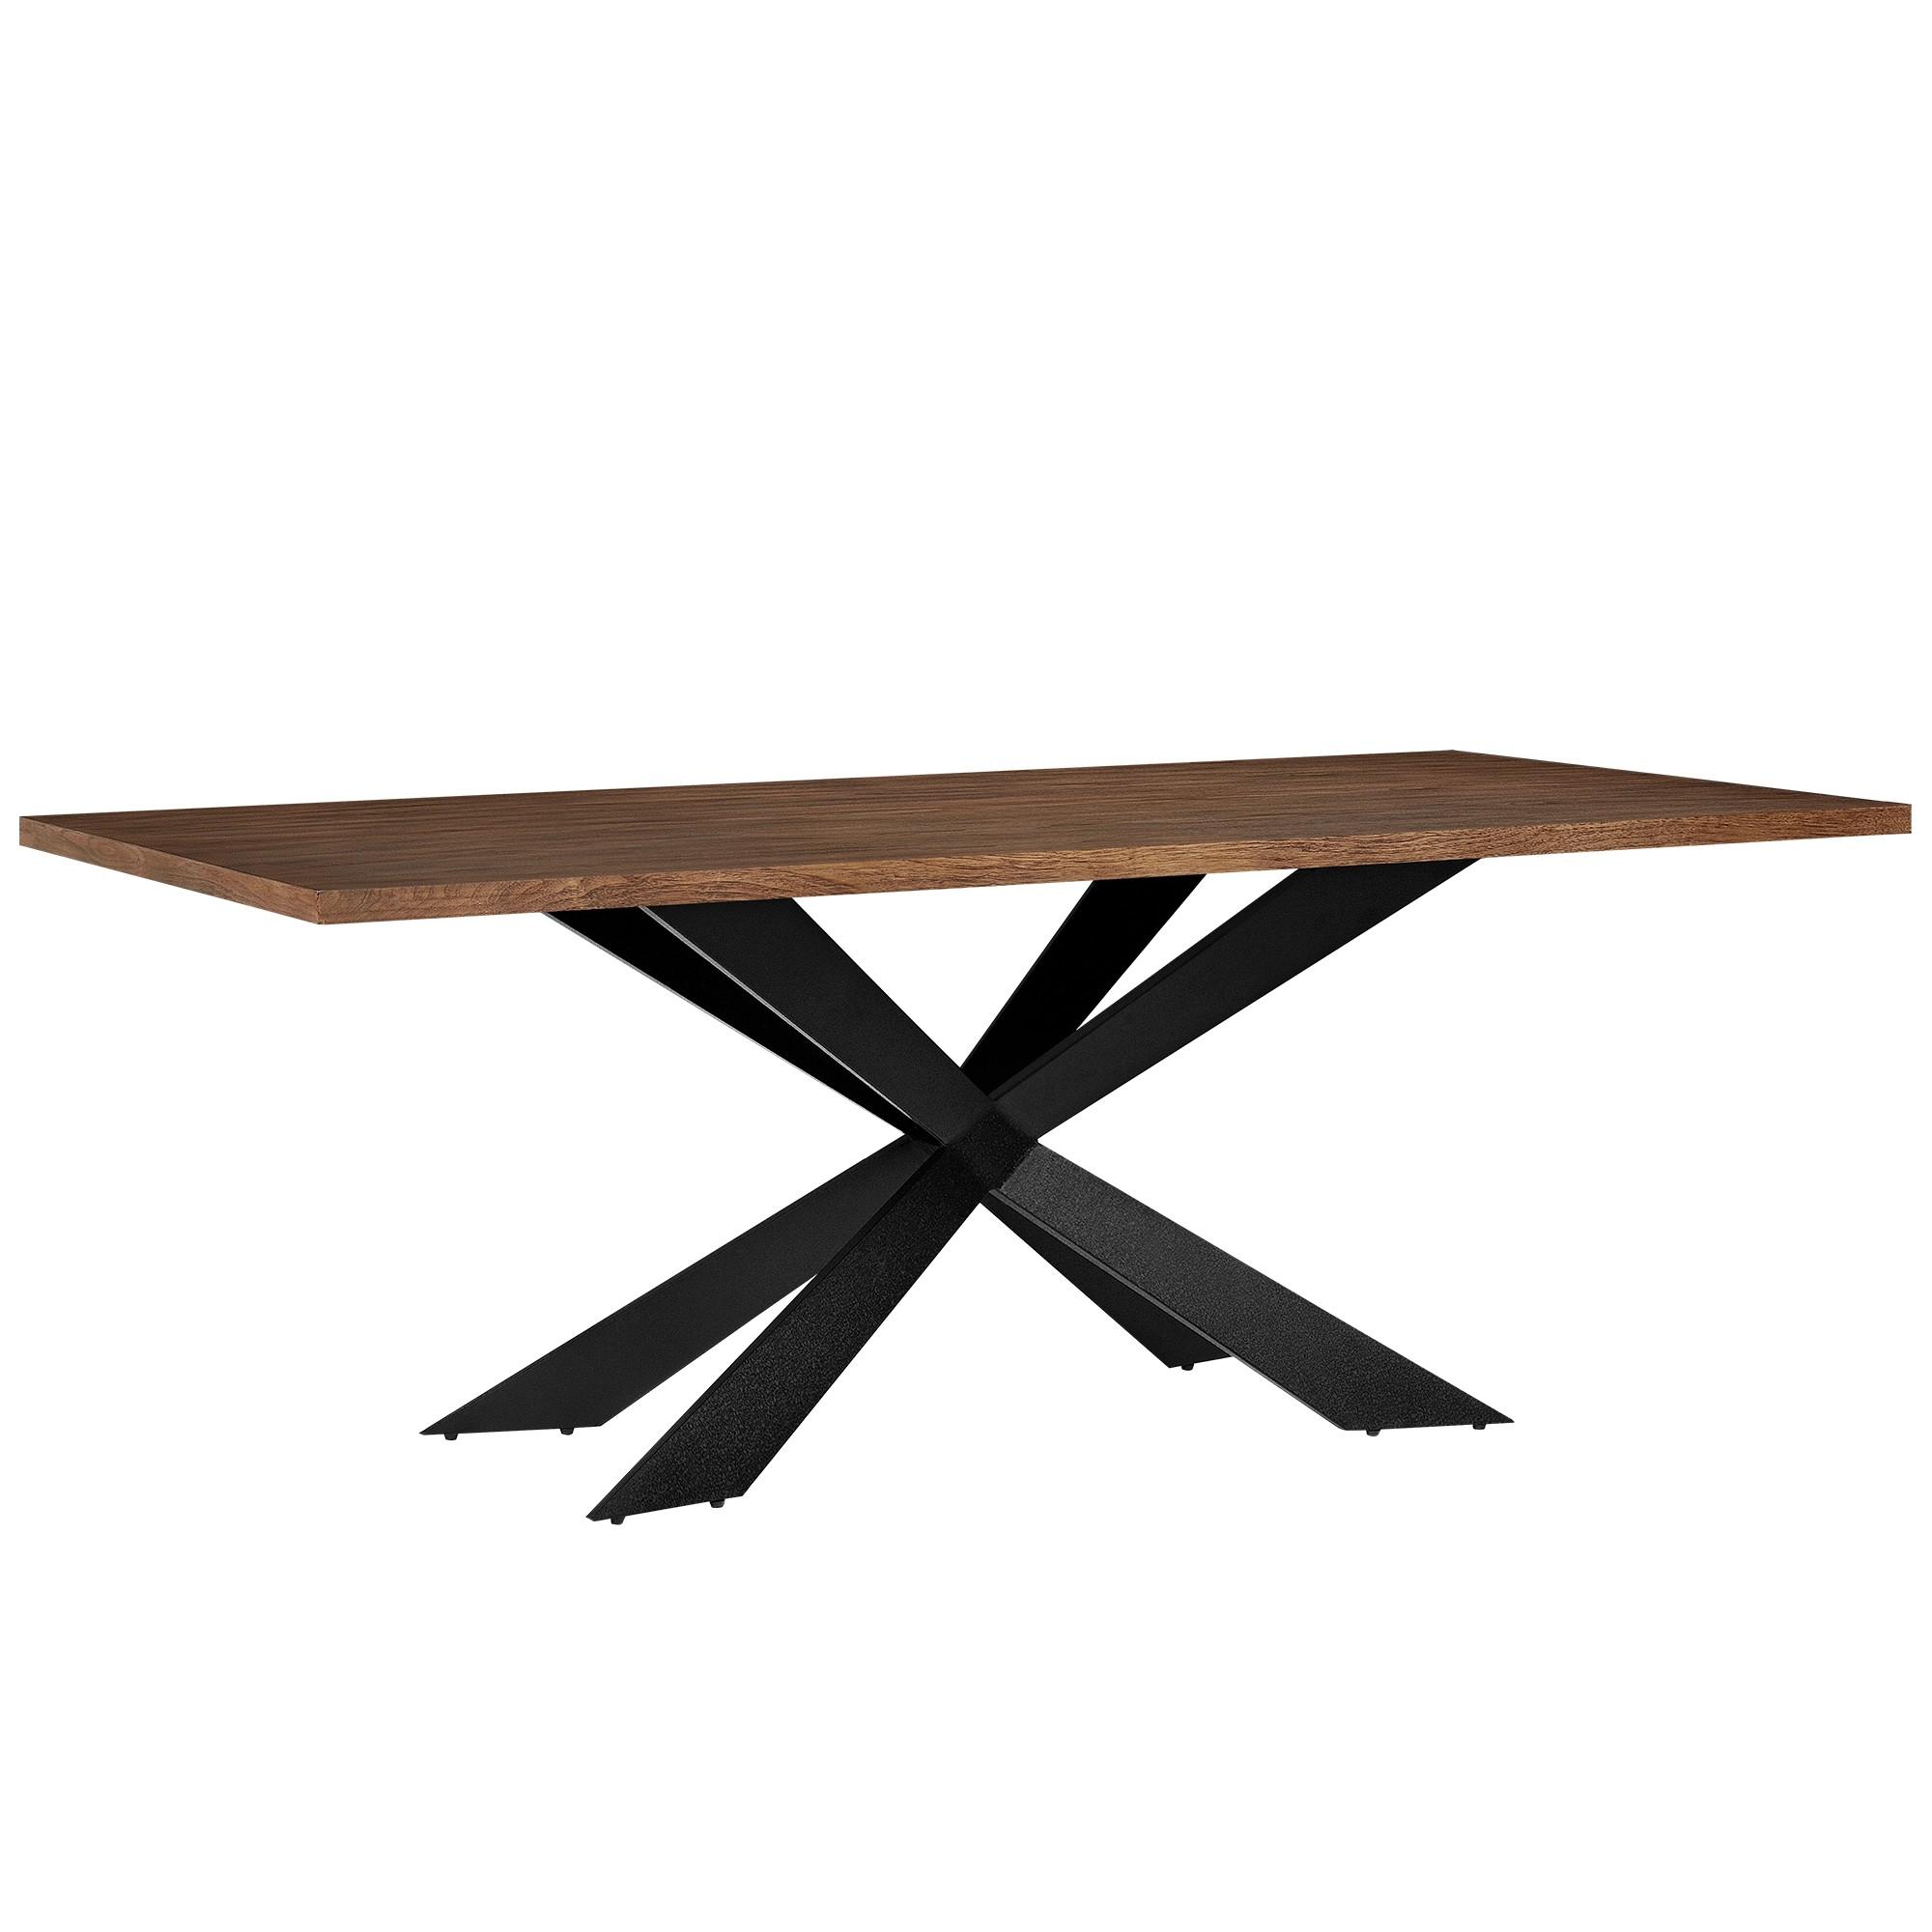 Table de salle manger en bois et fer 200 x 100 cm for Table fer et bois salle manger